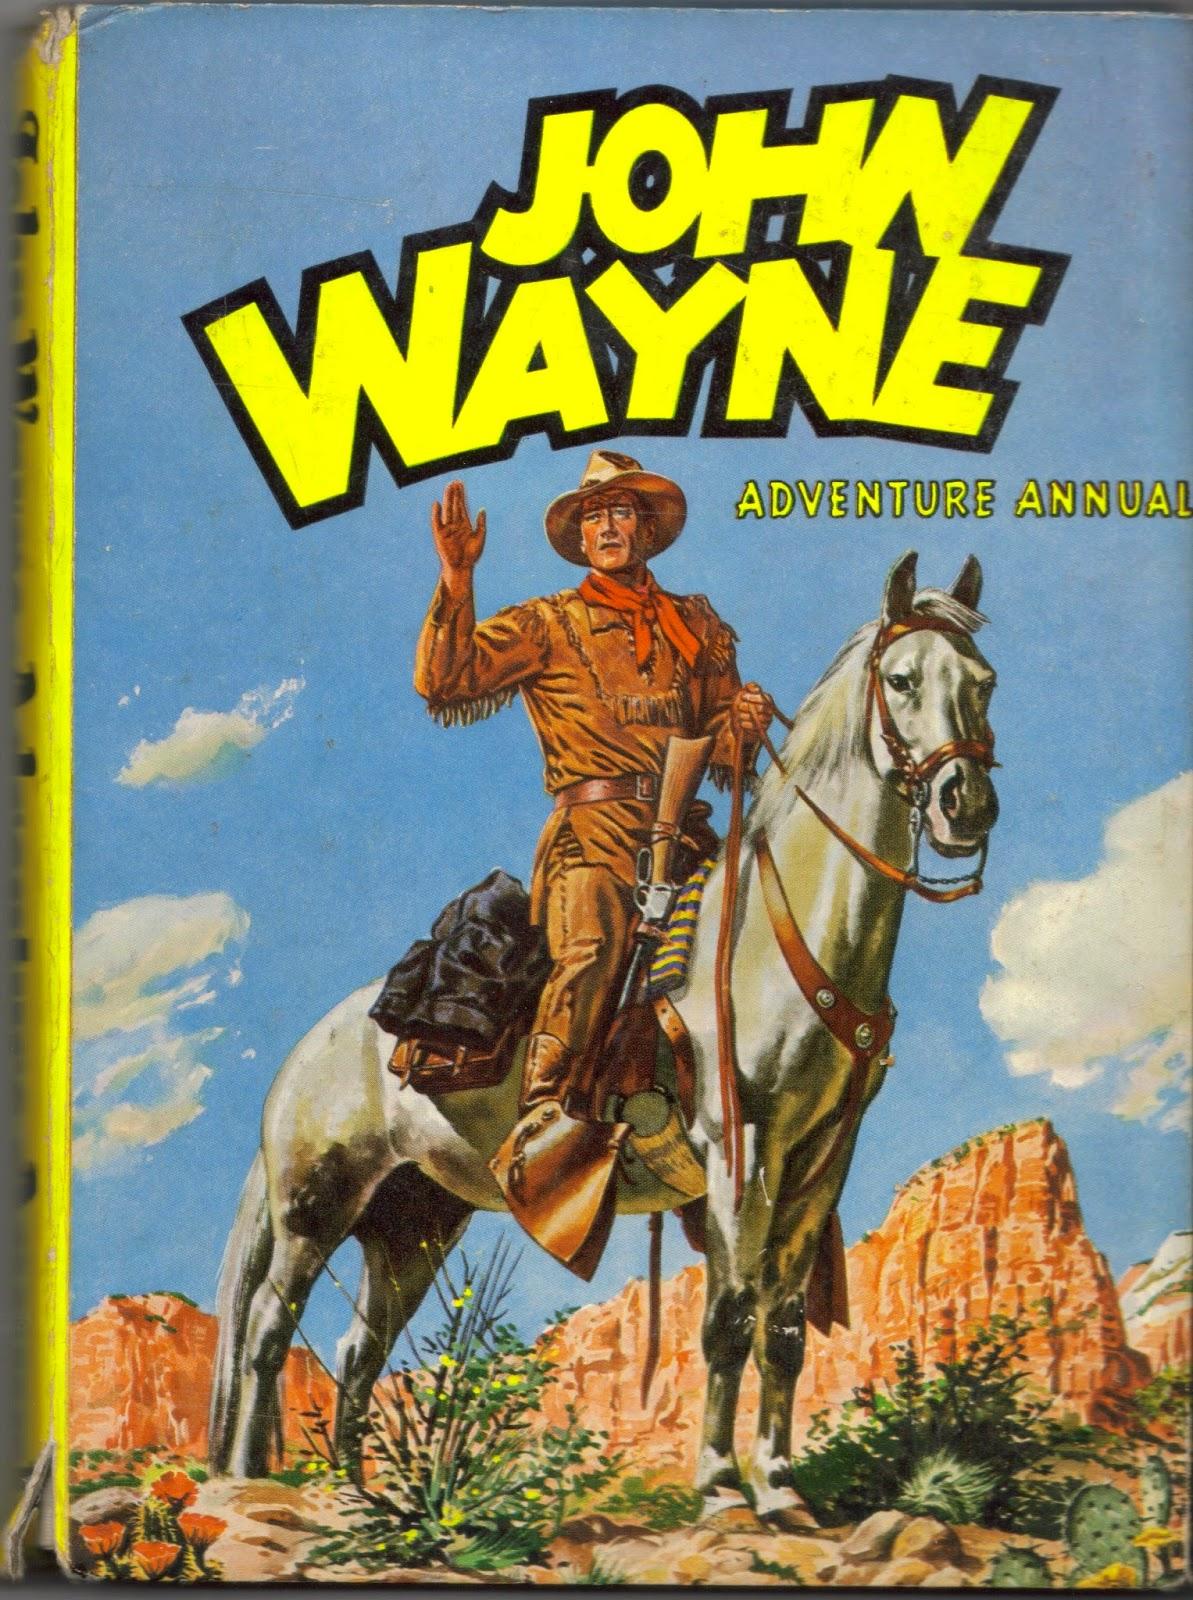 John Wayne annual